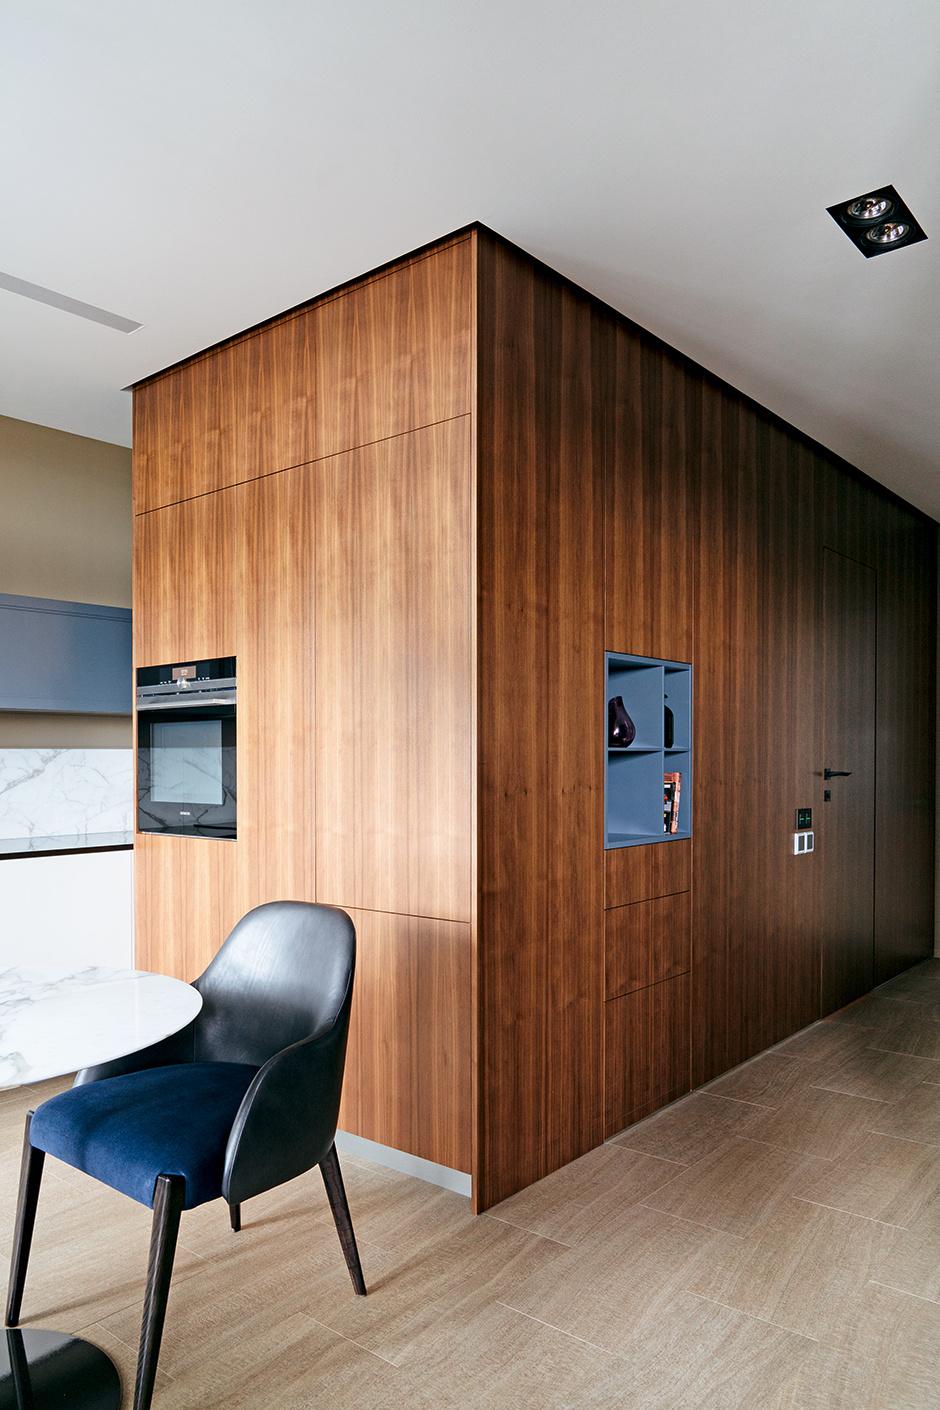 Маленькая квартира  дизайн маленькой квартиры Дизайн маленькой квартиры 940x1410 1 a00670625443c05e767d0070e5984db4 940x1410 0xc0a839a4 861708141485937632